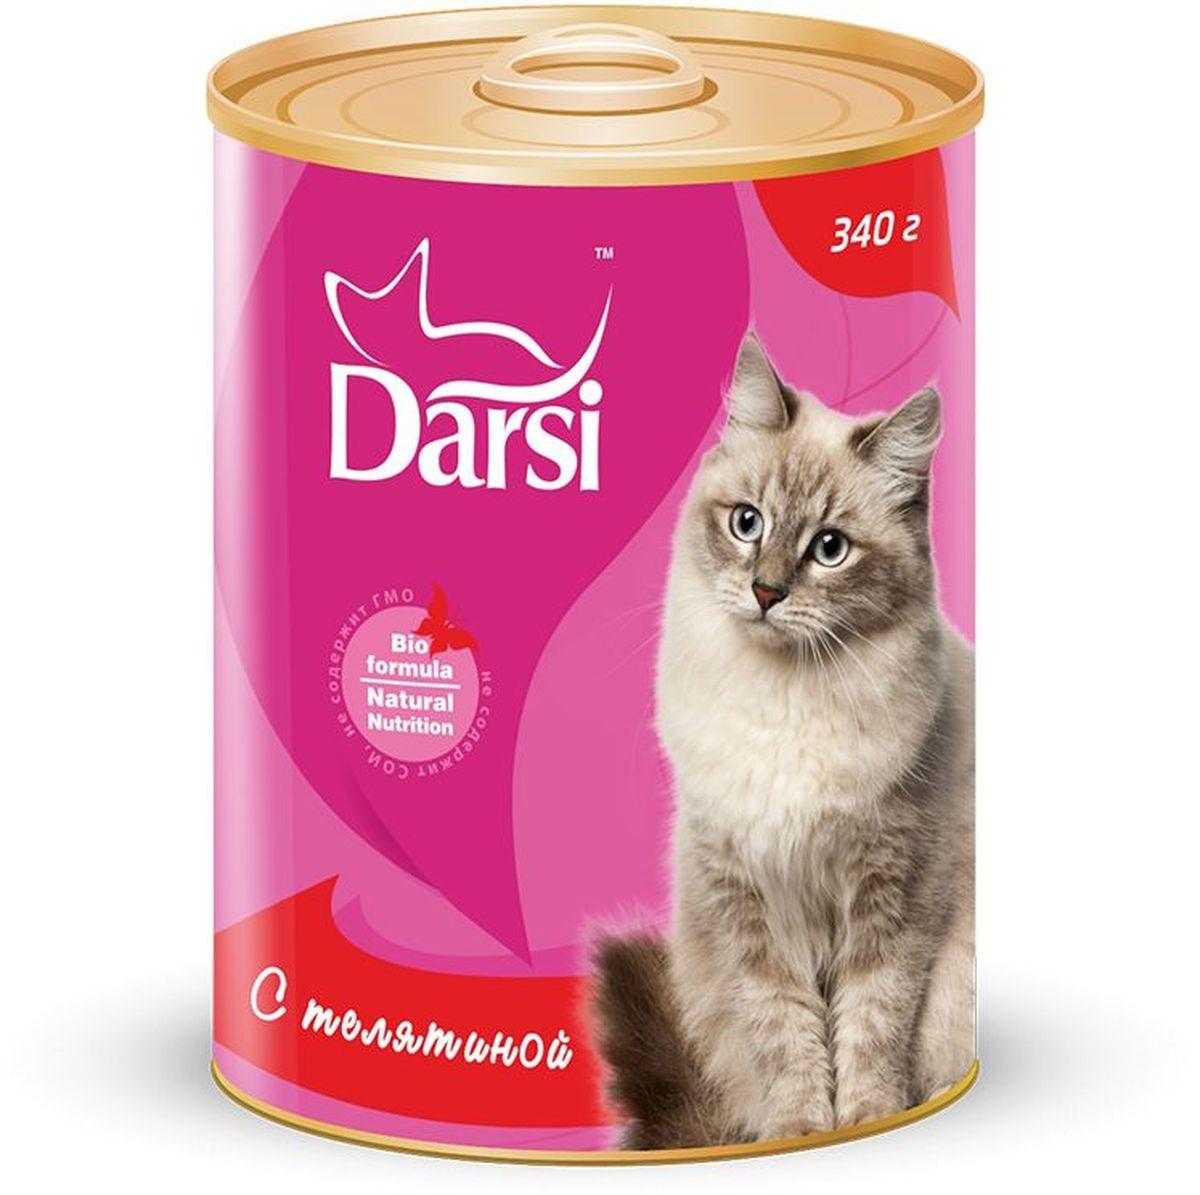 Консервы для кошек Darsi, с телятиной, 340 г. 92429242Полнорационный консервированный корм для кошек в виде фарша.